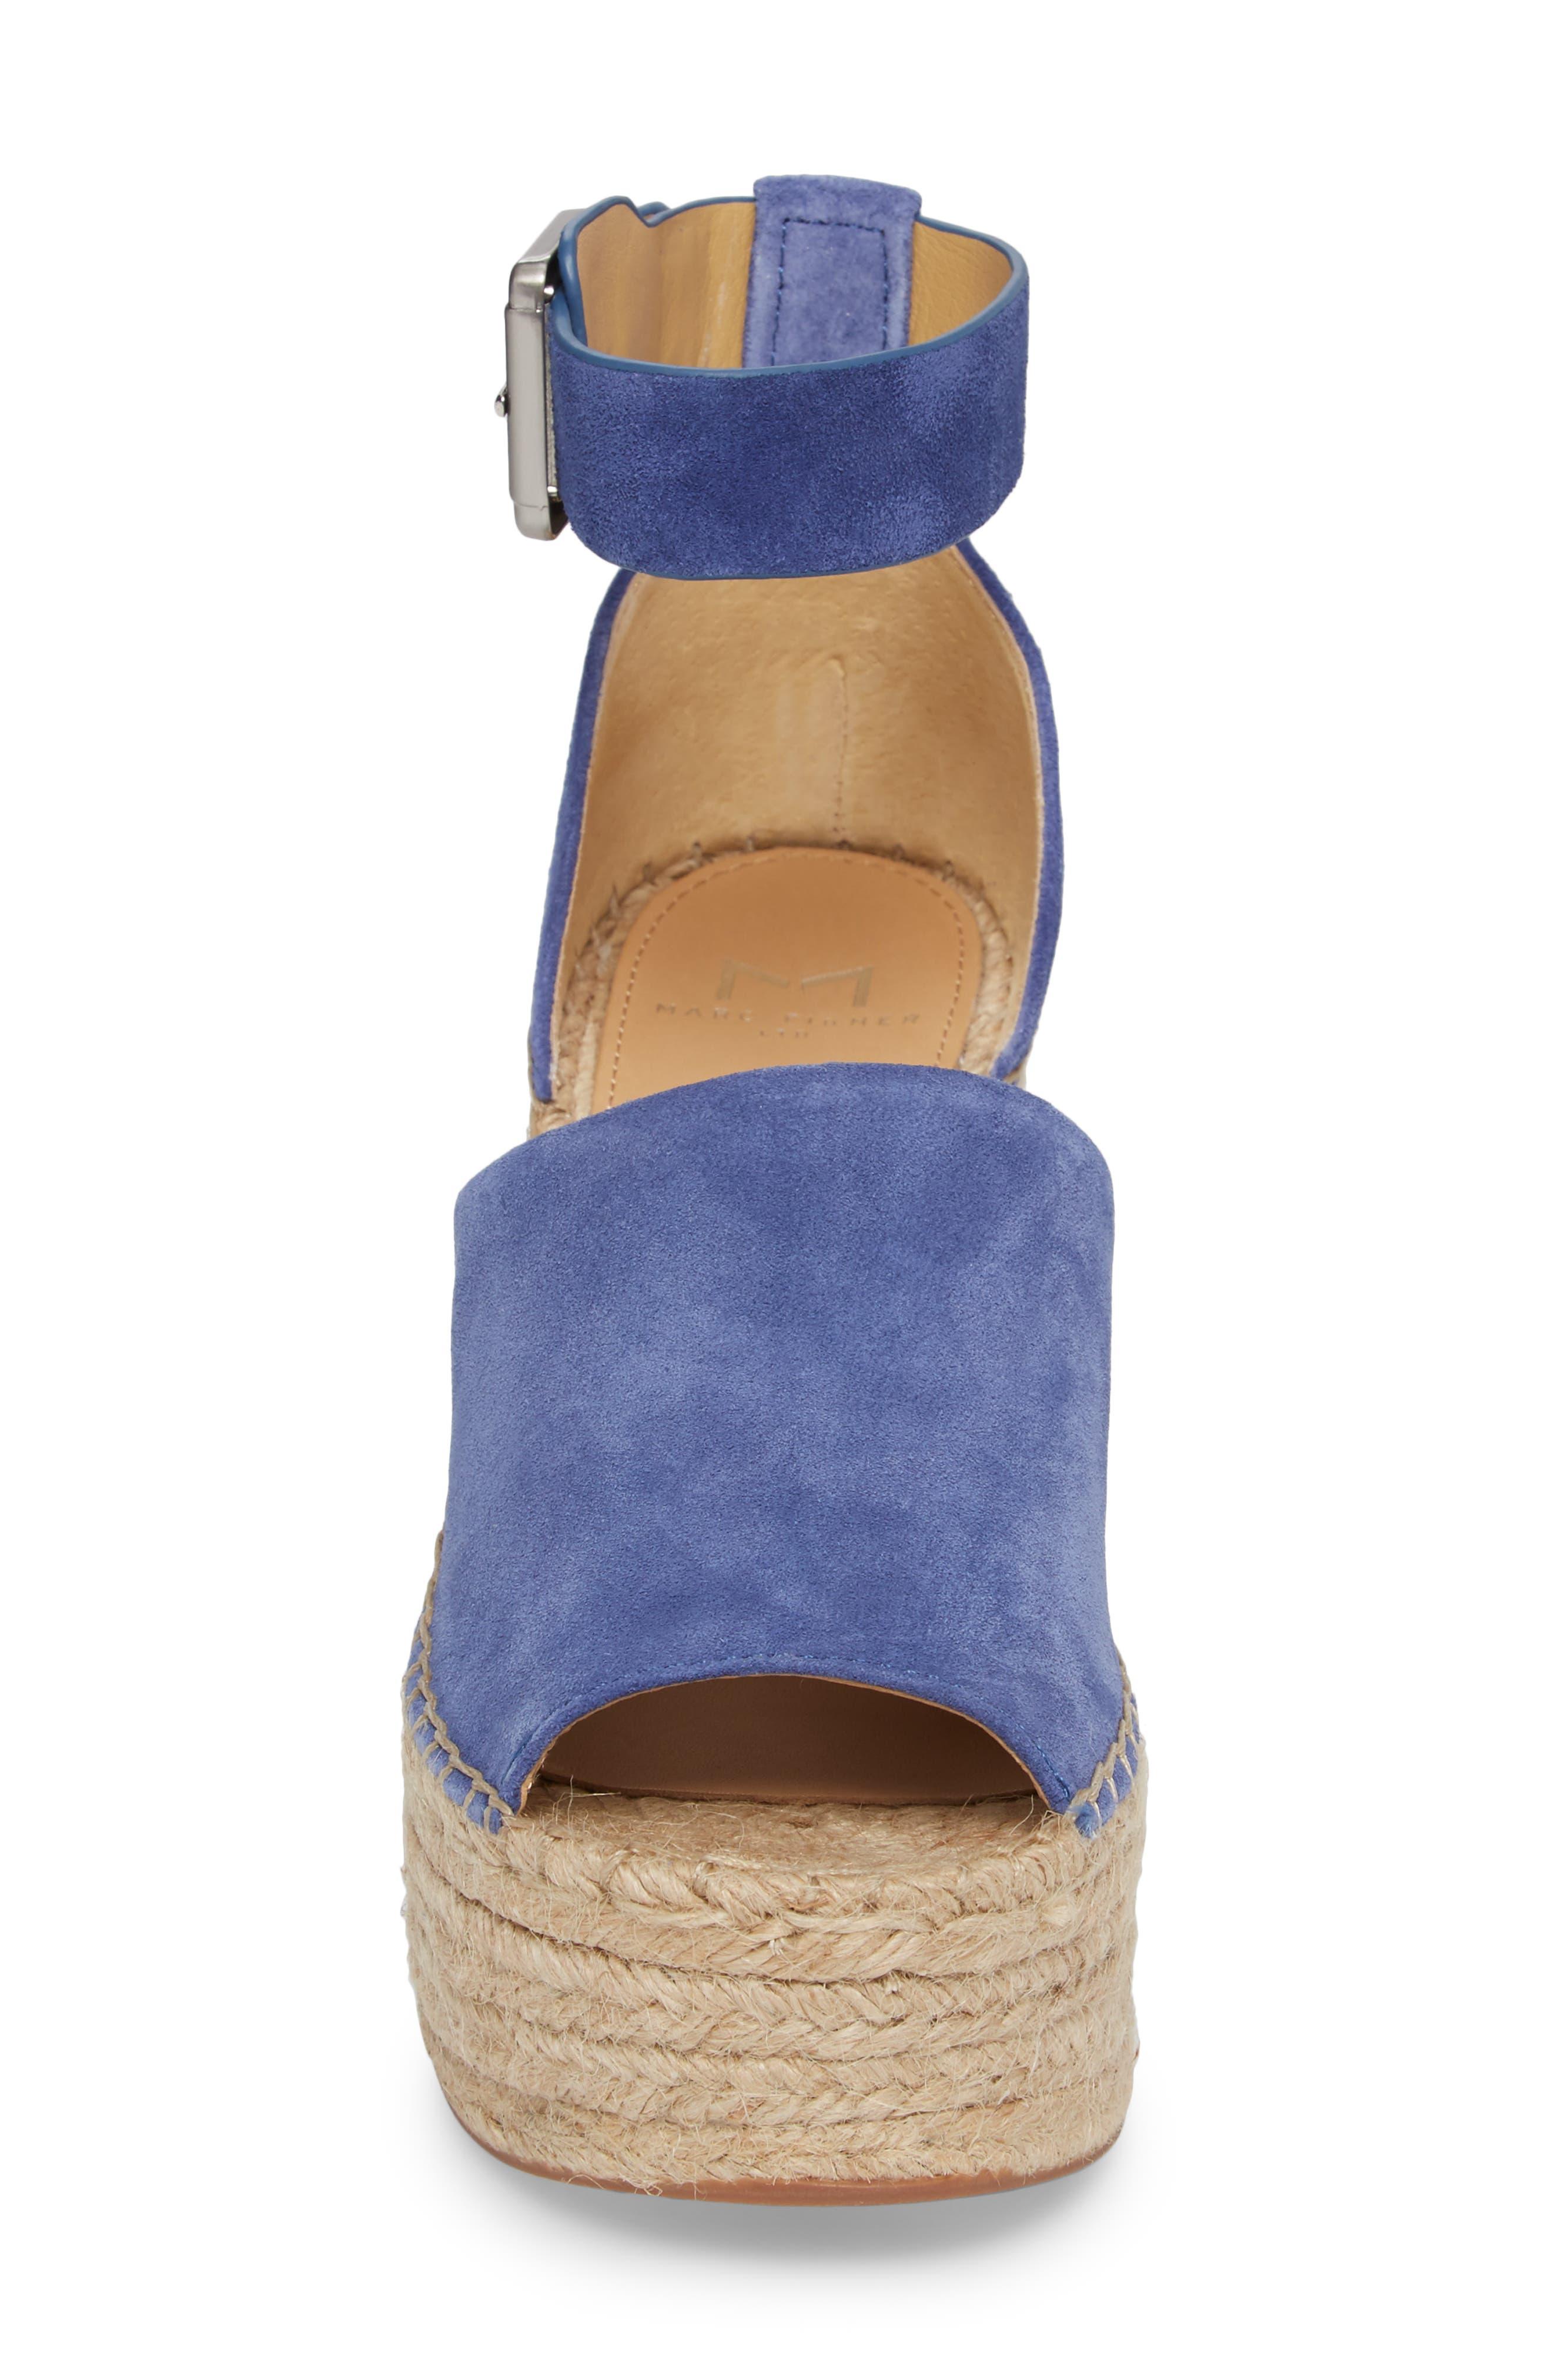 Adalyn Espadrille Wedge Sandal,                             Alternate thumbnail 4, color,                             BLUE SUEDE